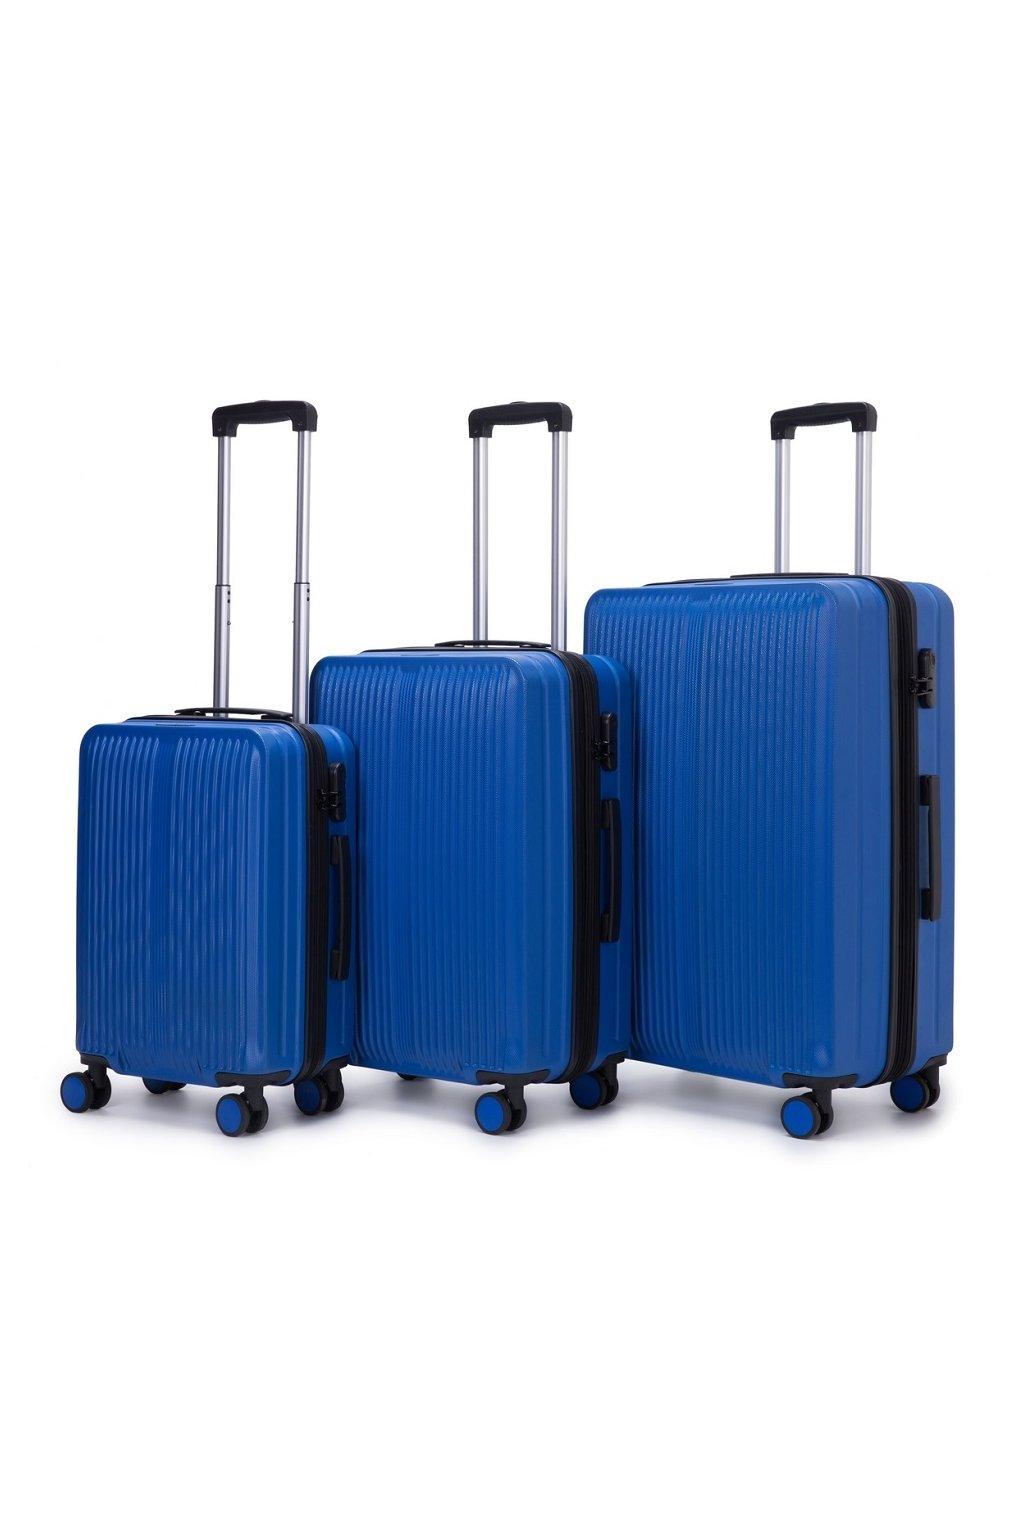 kufrland swiss tech blue (1)